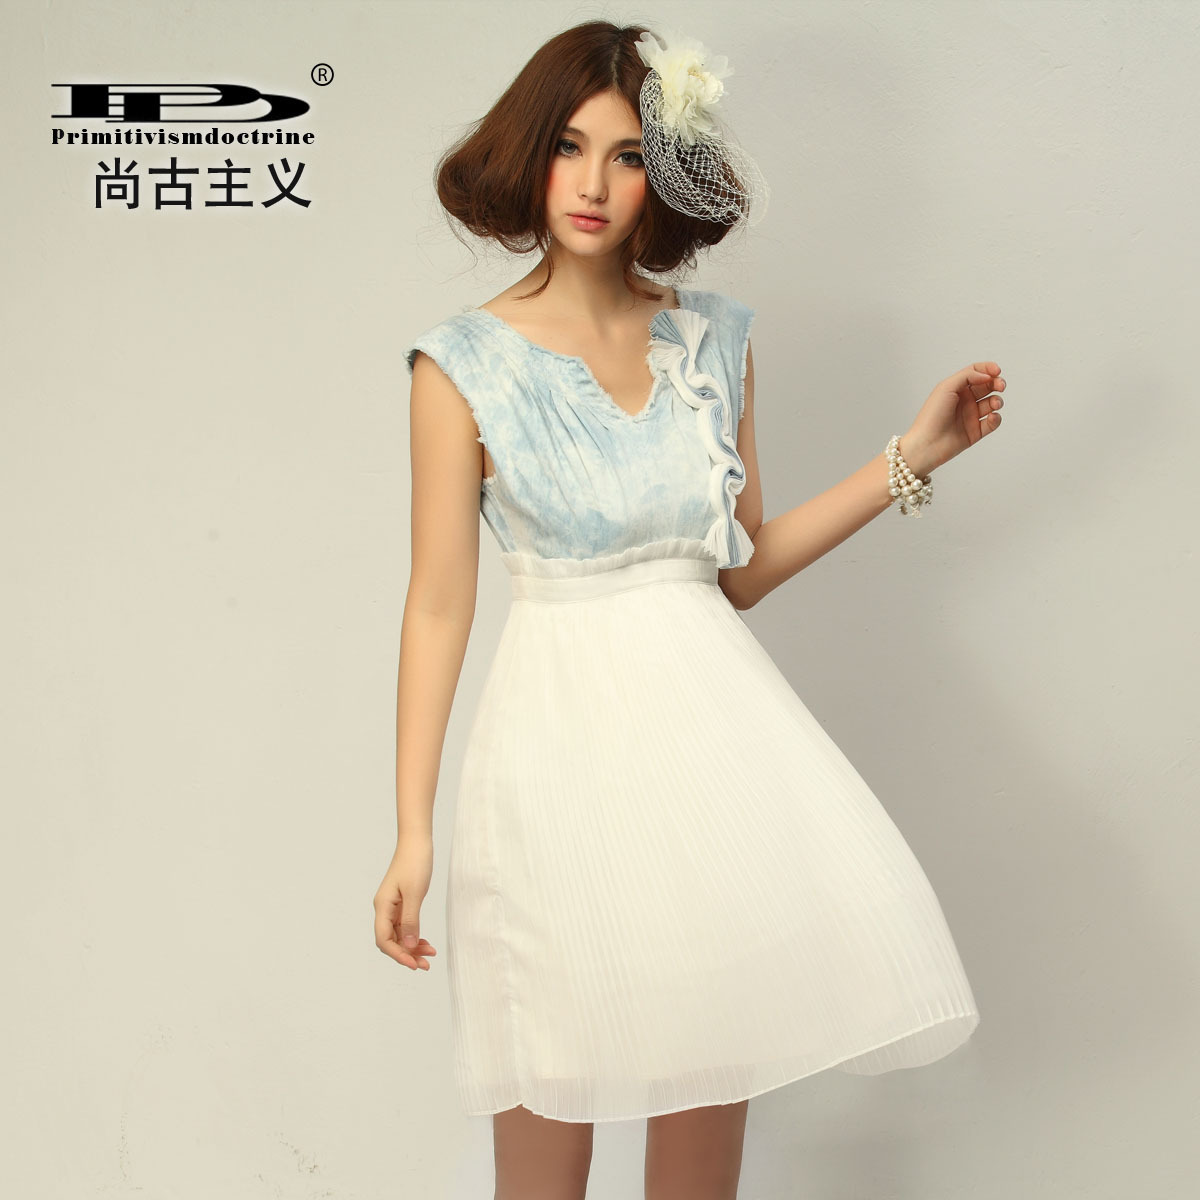 Женское платье Drinitioisn l80106 2012 Джинс